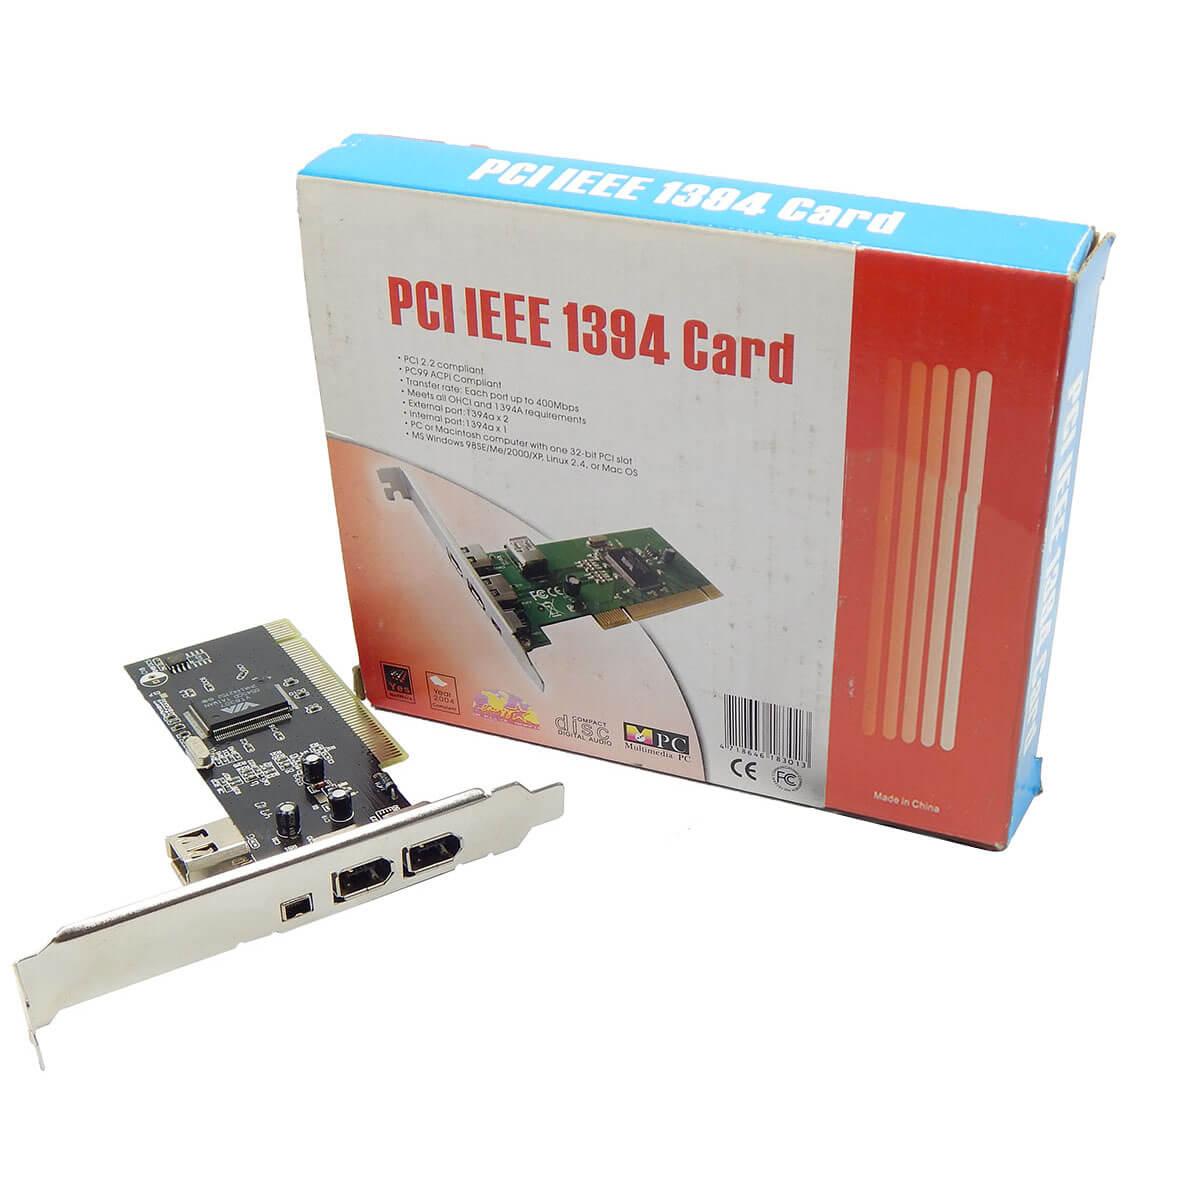 Placa PCI IEEE 1394 Via